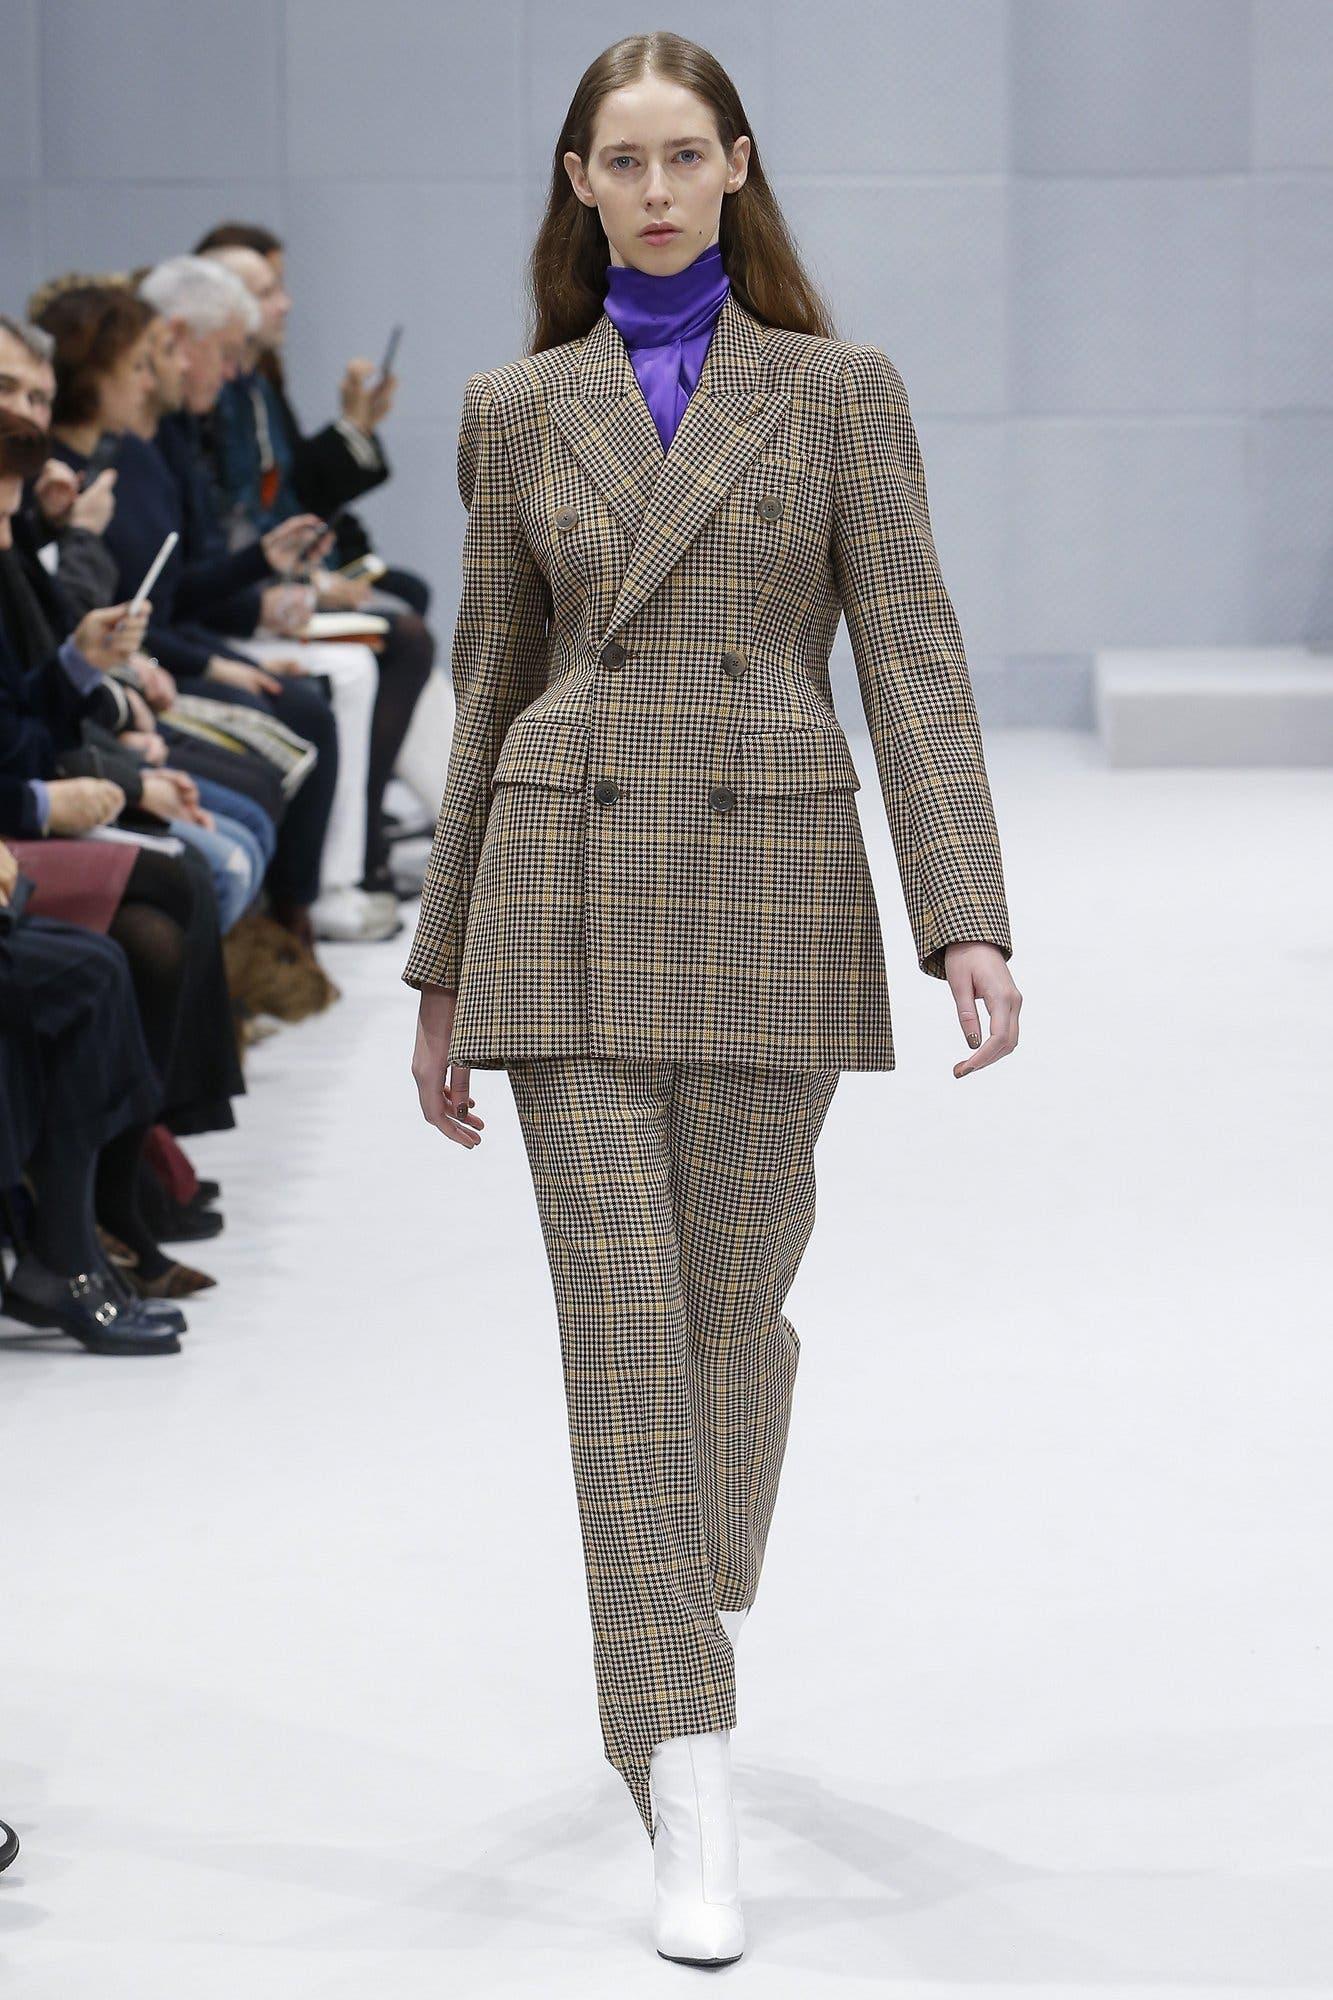 http://media.vogue.com/r/h_2000,w_1640/2016/03/16/03-menswear-01.jpg